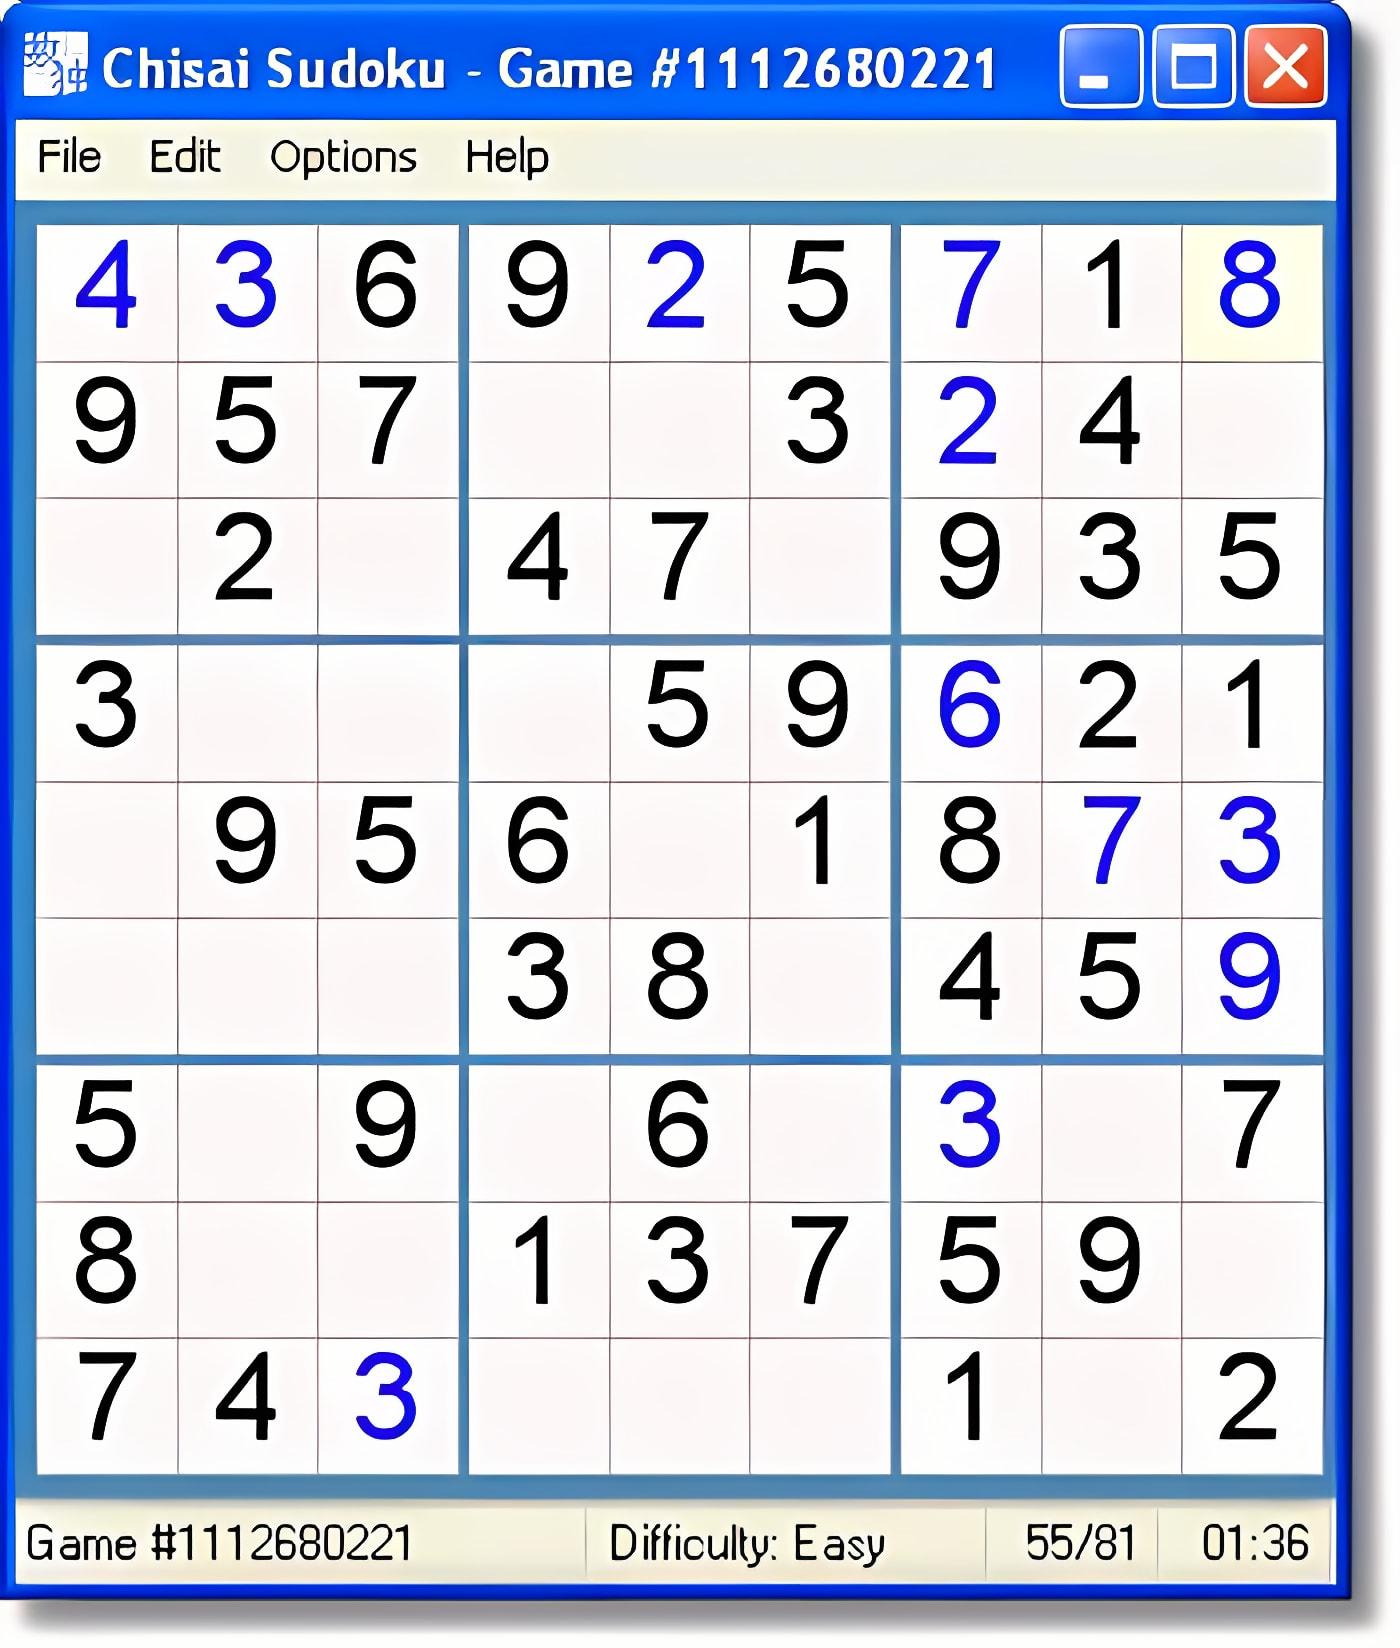 Chisai Sudoku